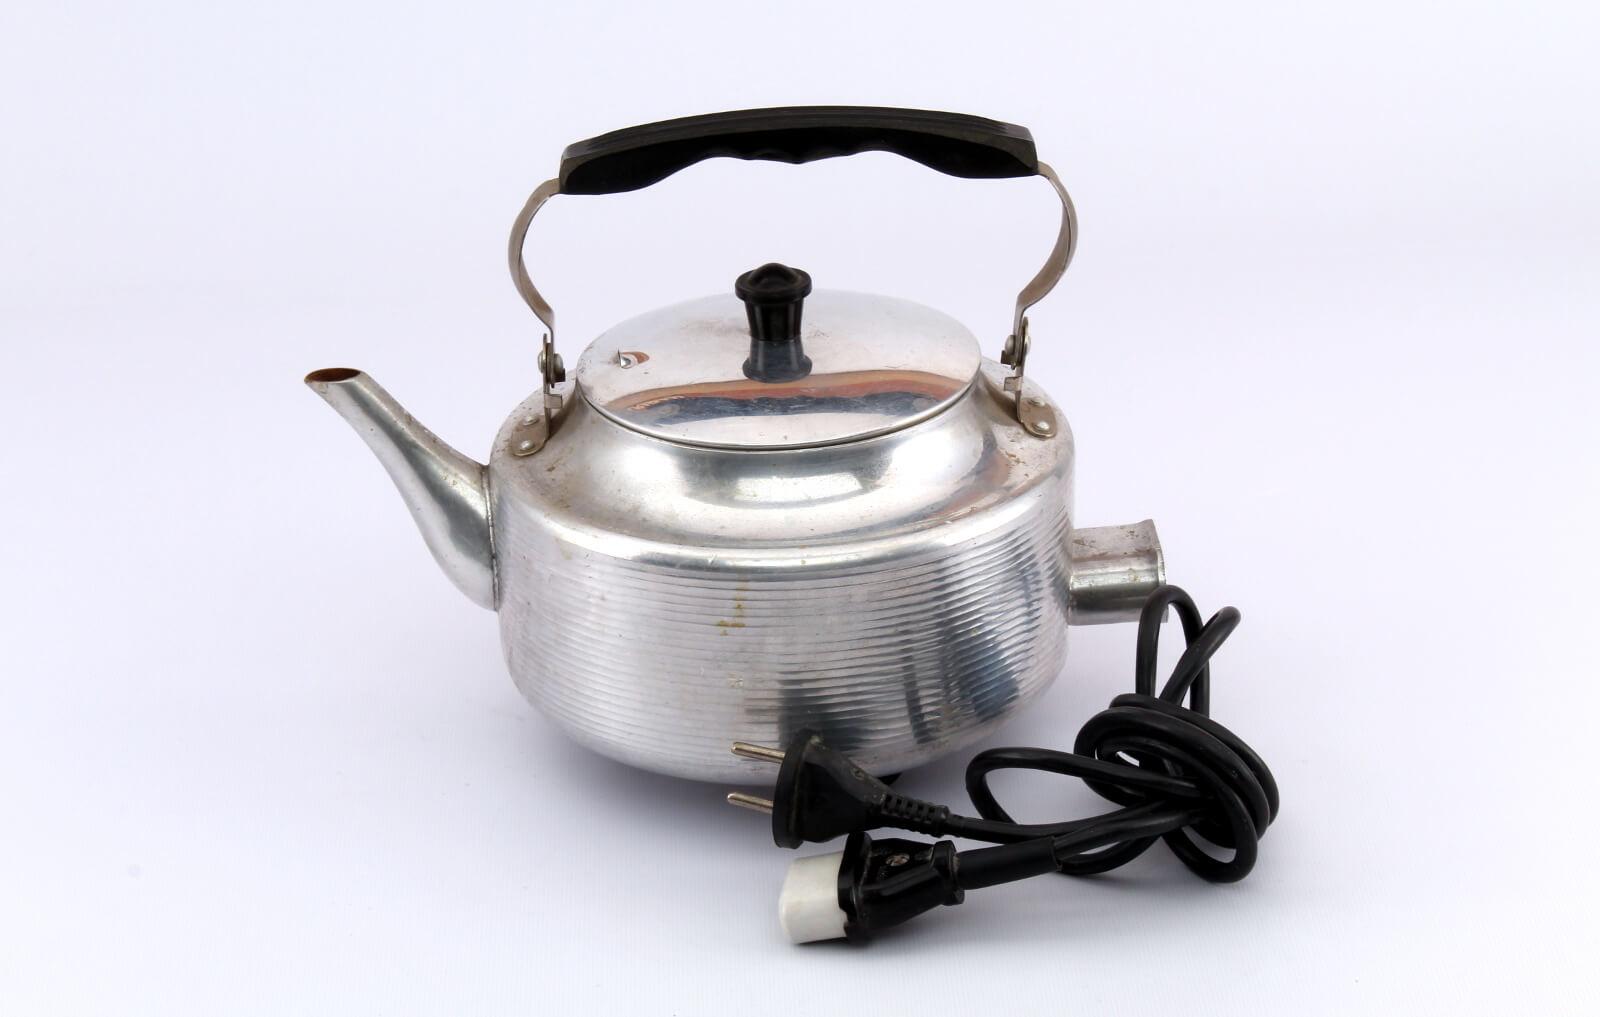 Почему чайник шумит во время работы?